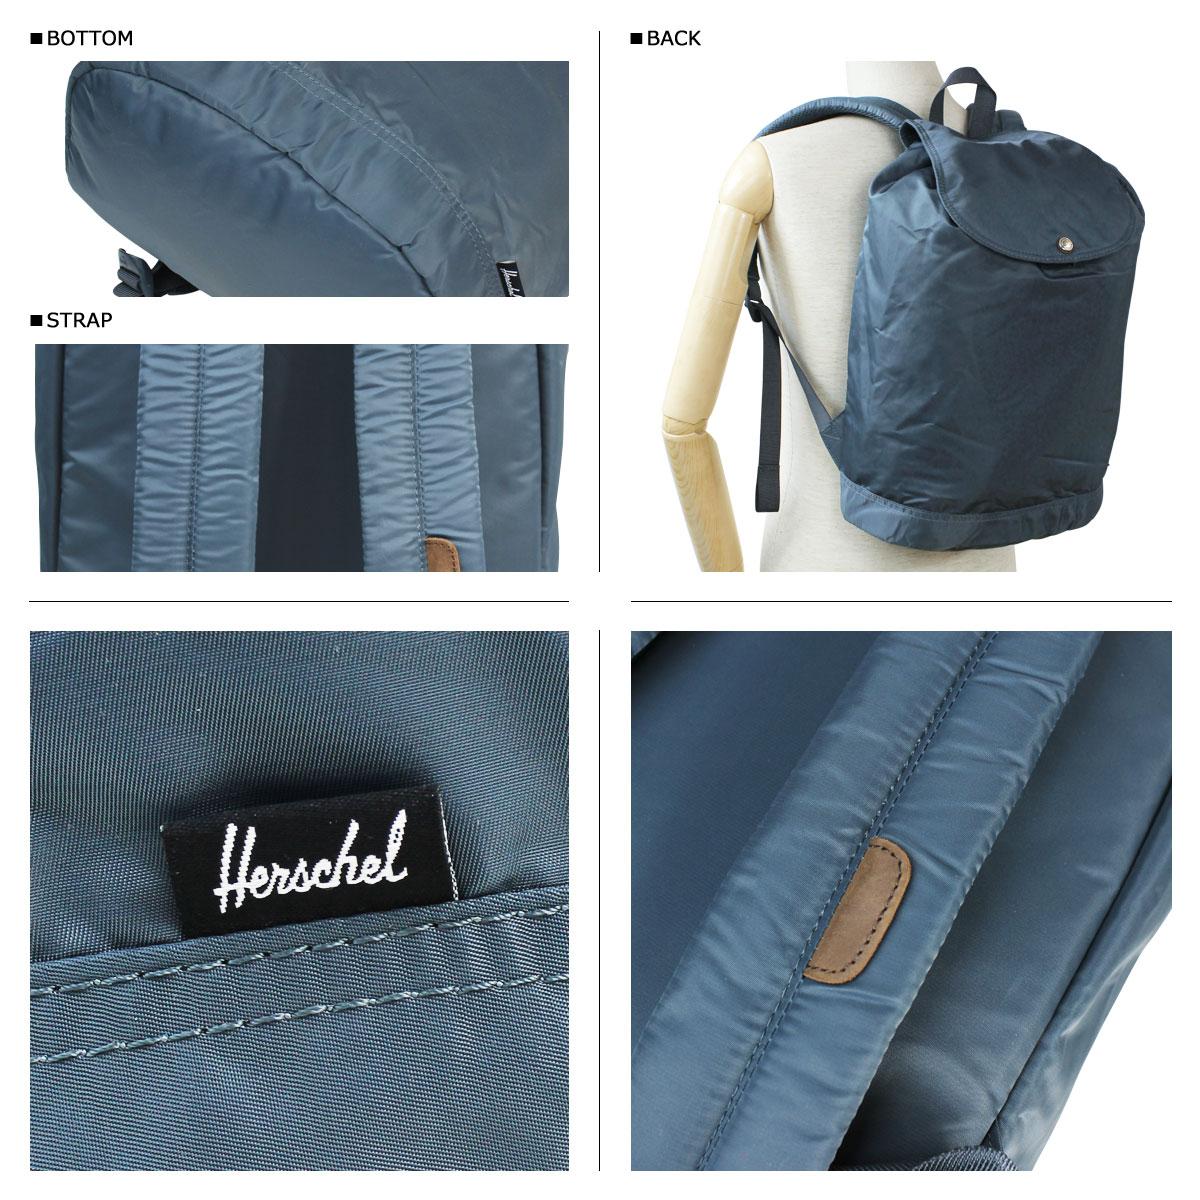 5bed1c10b32 ALLSPORTS  Herschel supply Herschel Supply men s women s backpack ...